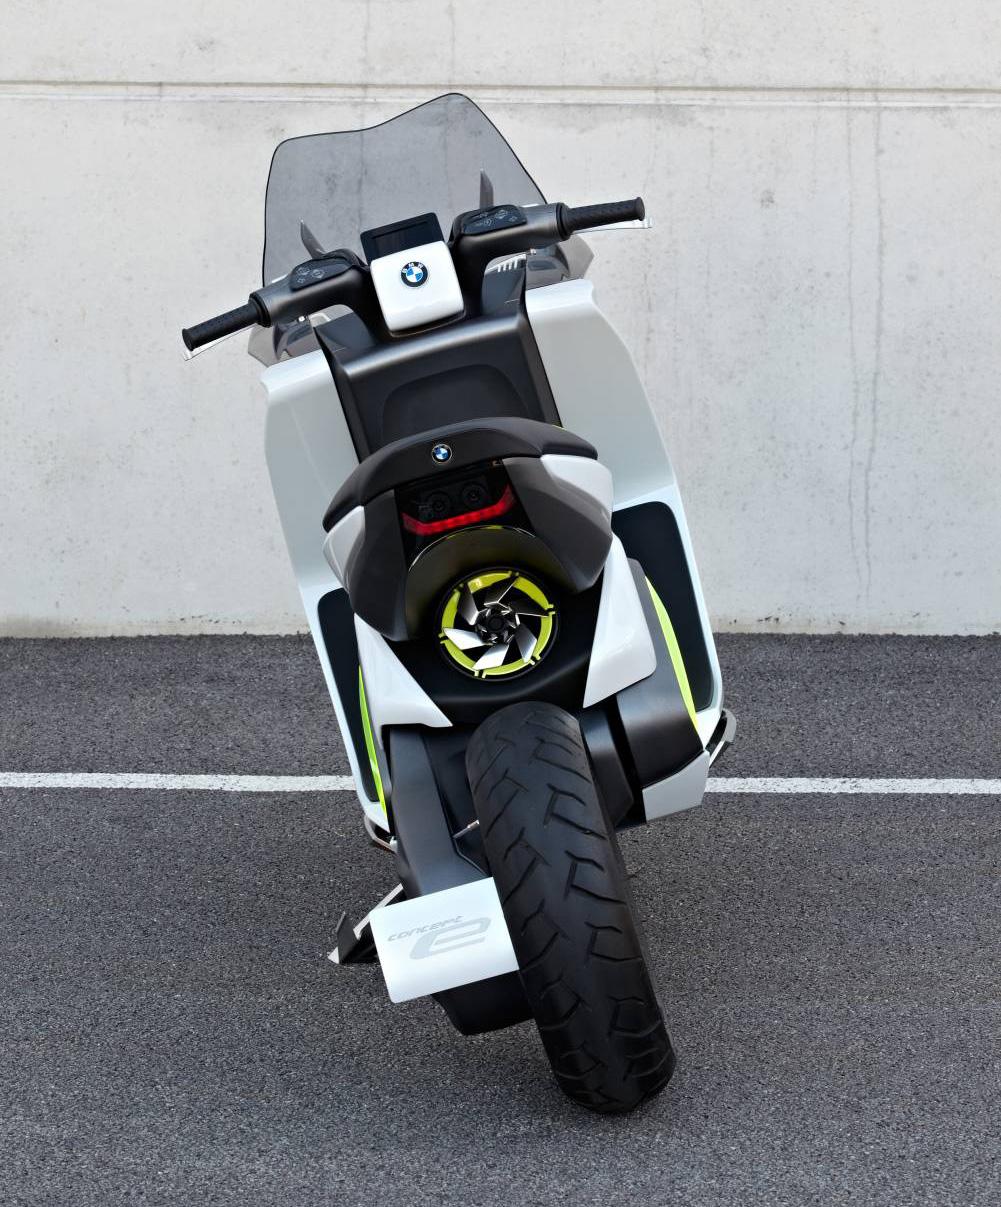 bmw_concept_e_scooter_06